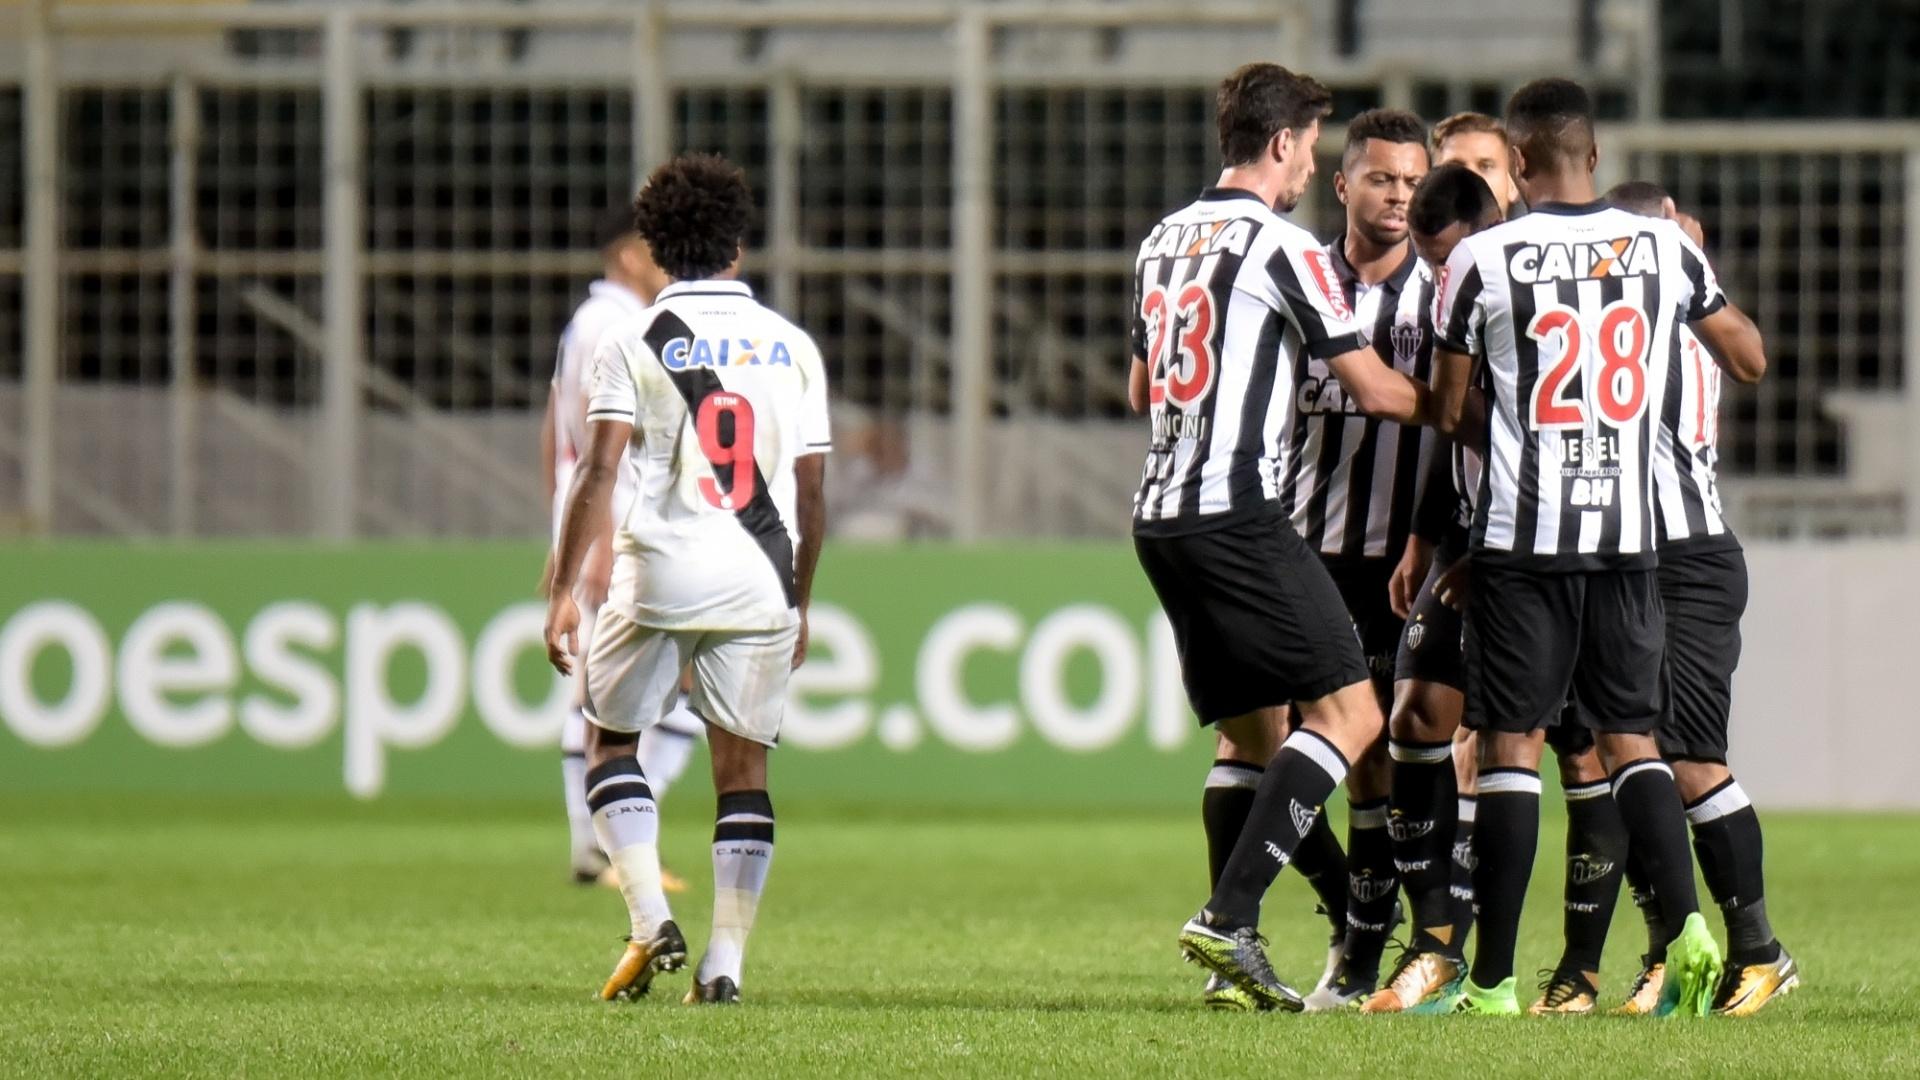 Jogadores do Atlético-MG comemoram gol anotado por Yago contra o Vasco